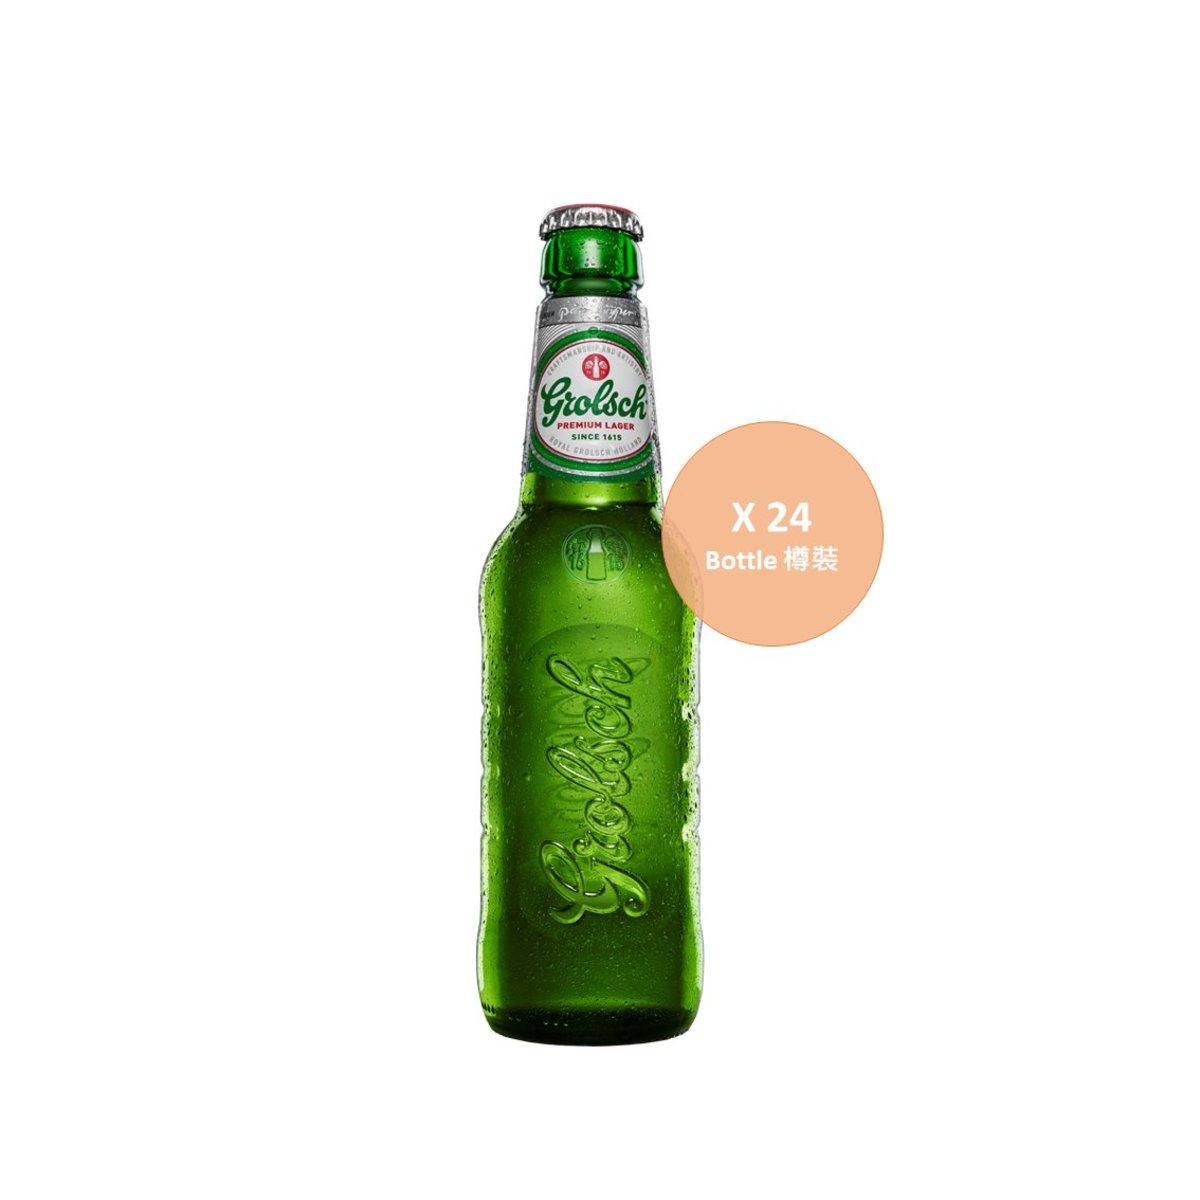 [原箱]頂級拉格啤酒